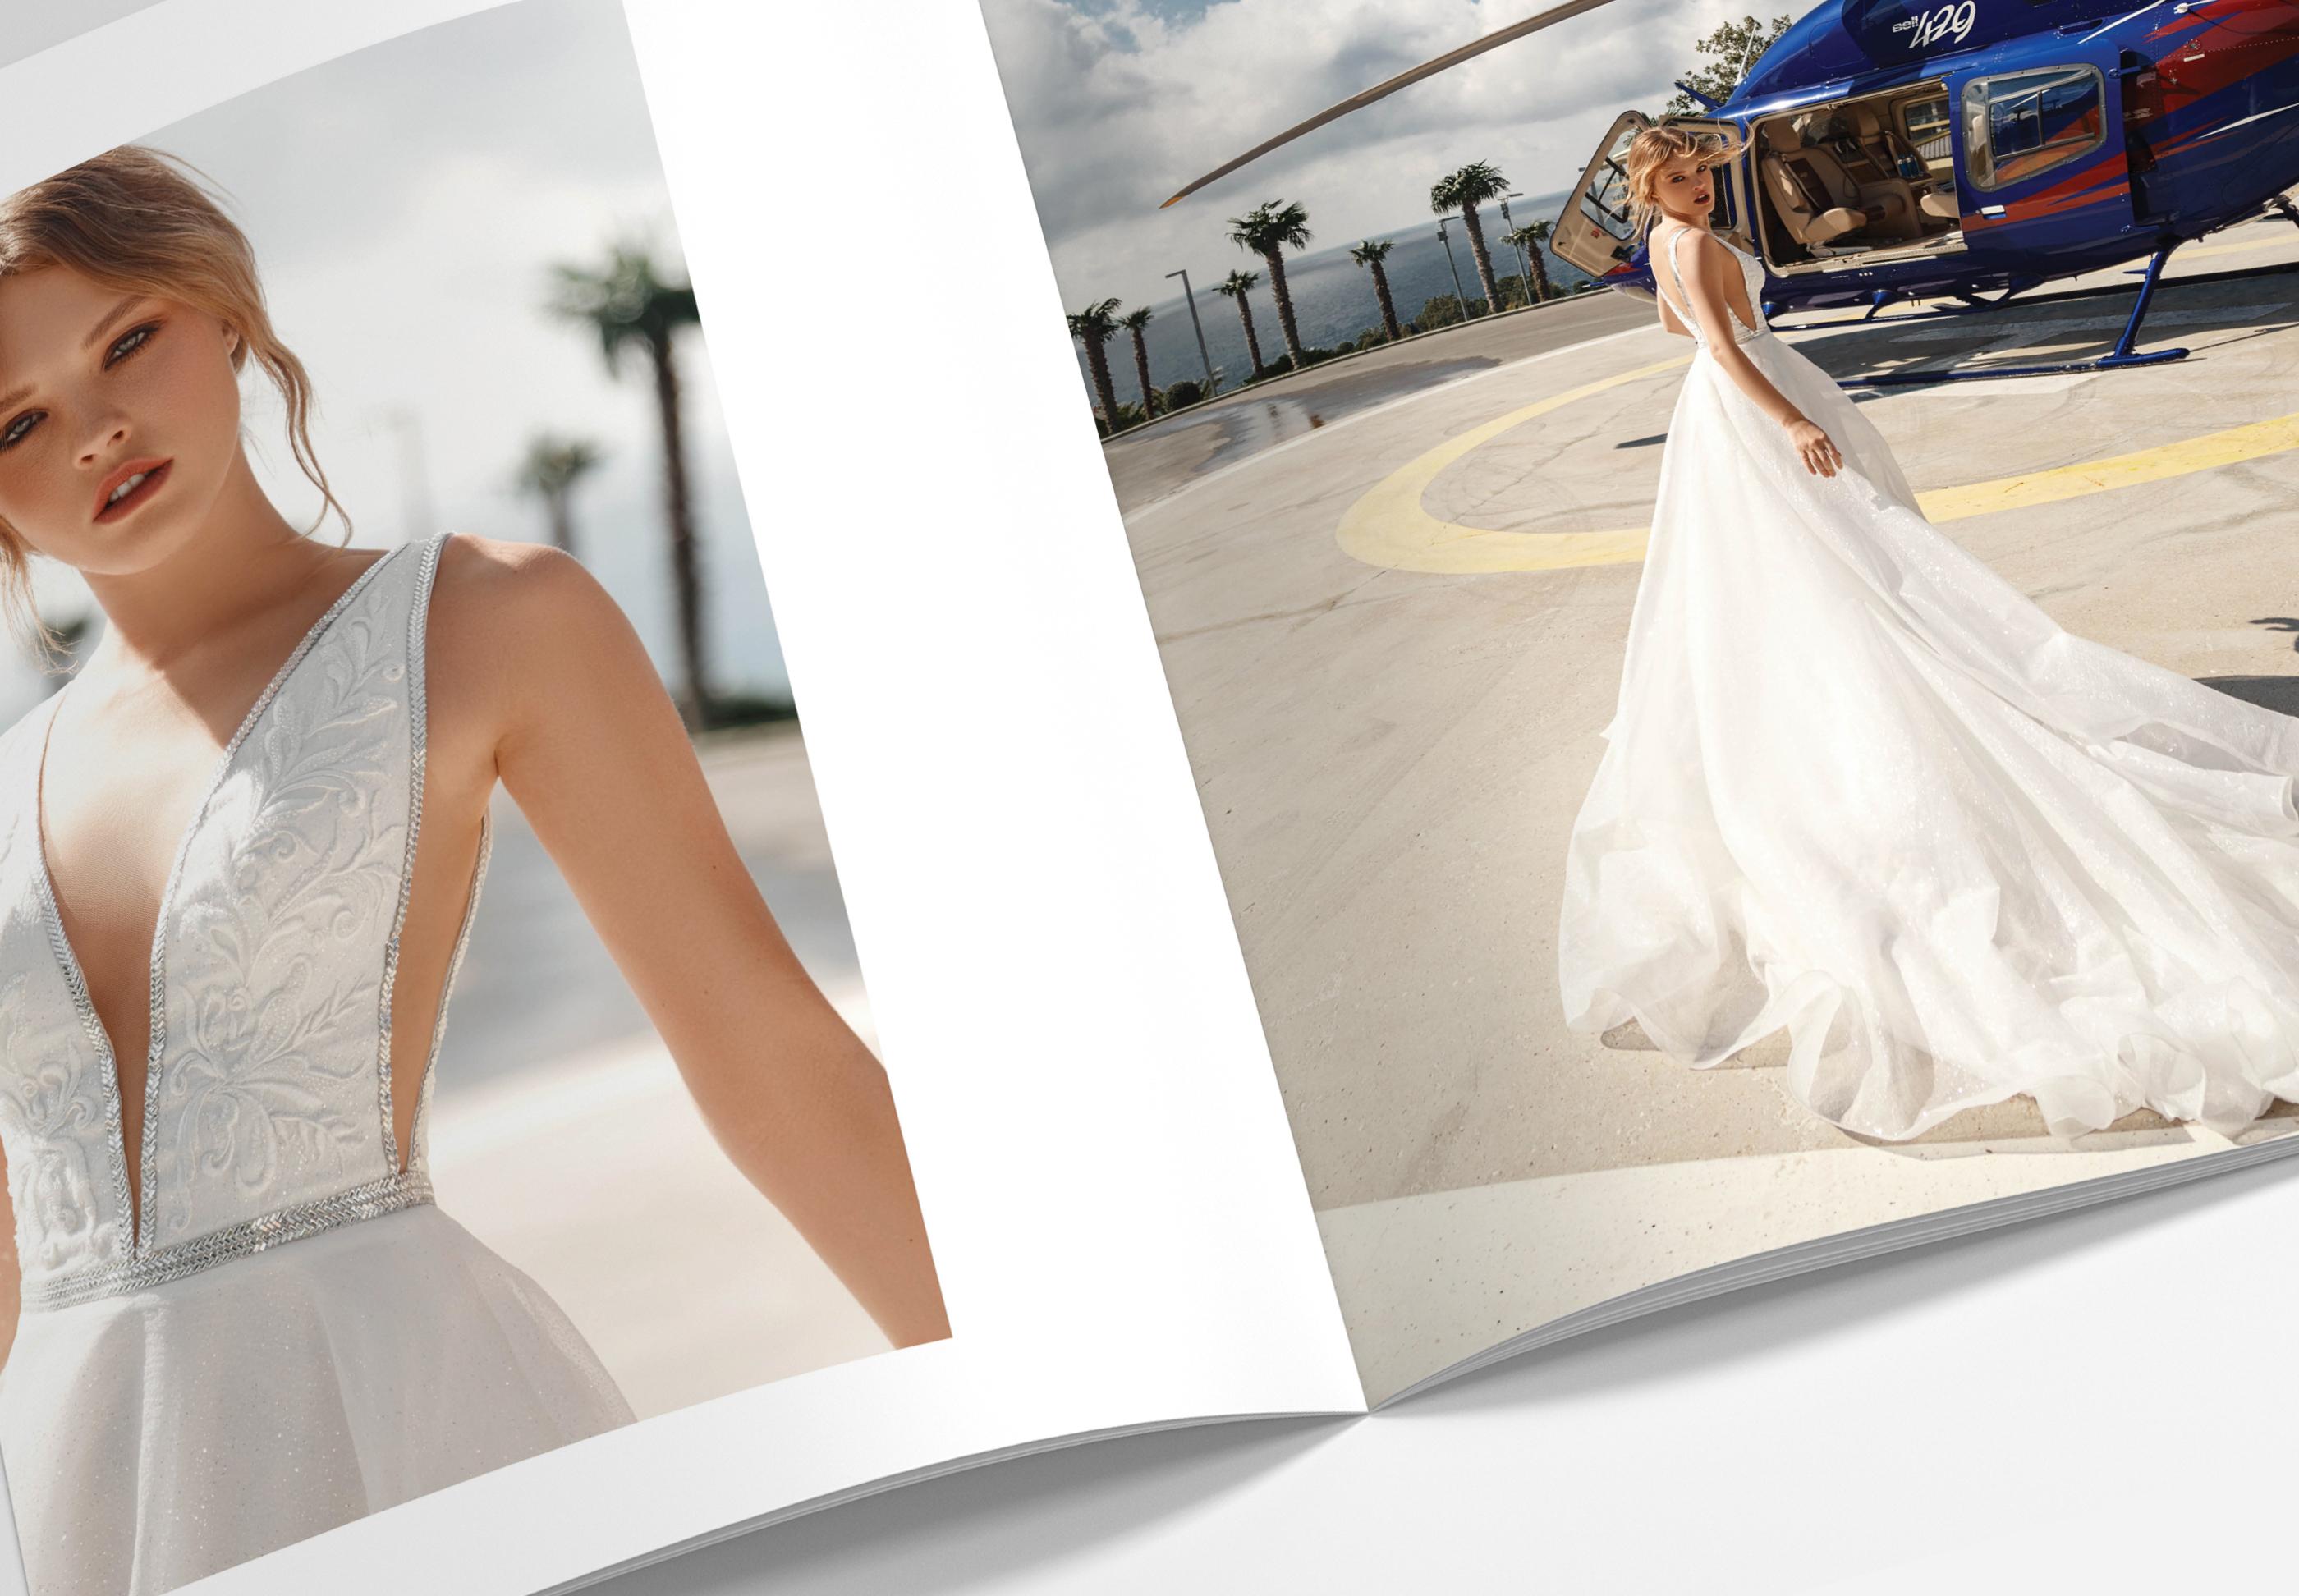 Верстка рекламного каталога свадебных платьев